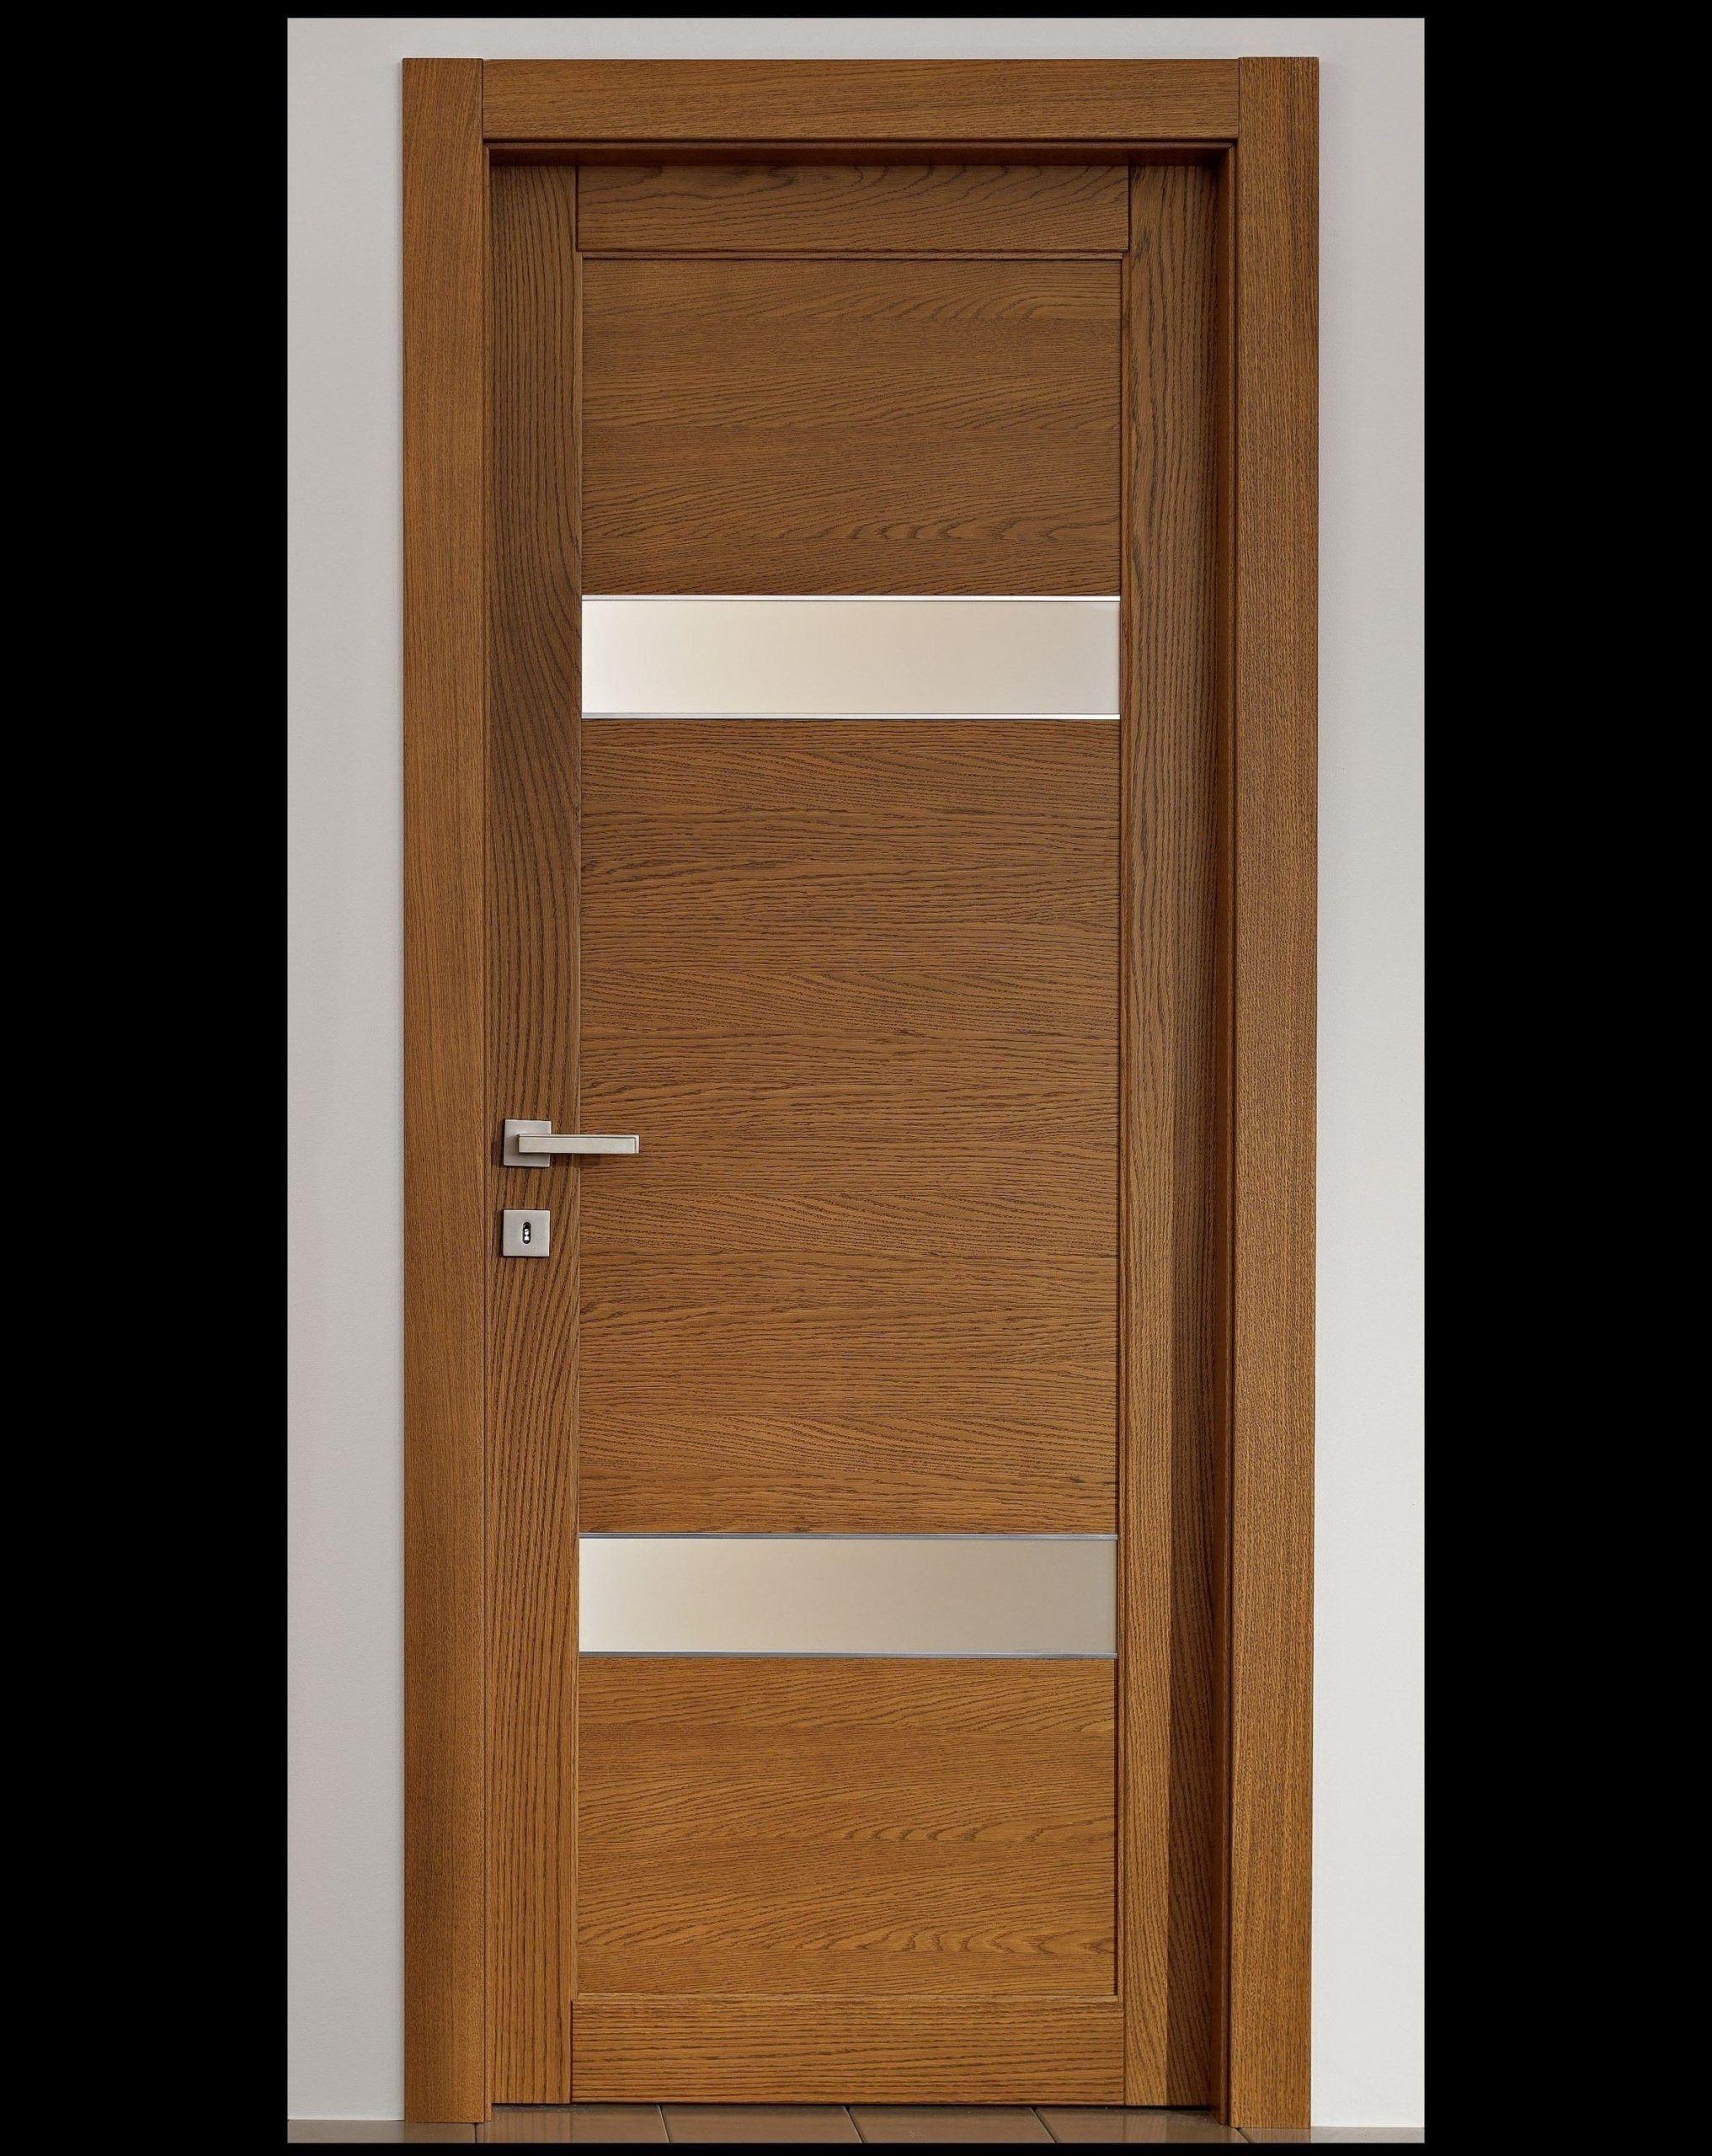 Desain Pintu Kamar Tidur Modern Di 2020 Desain Pintu Modern